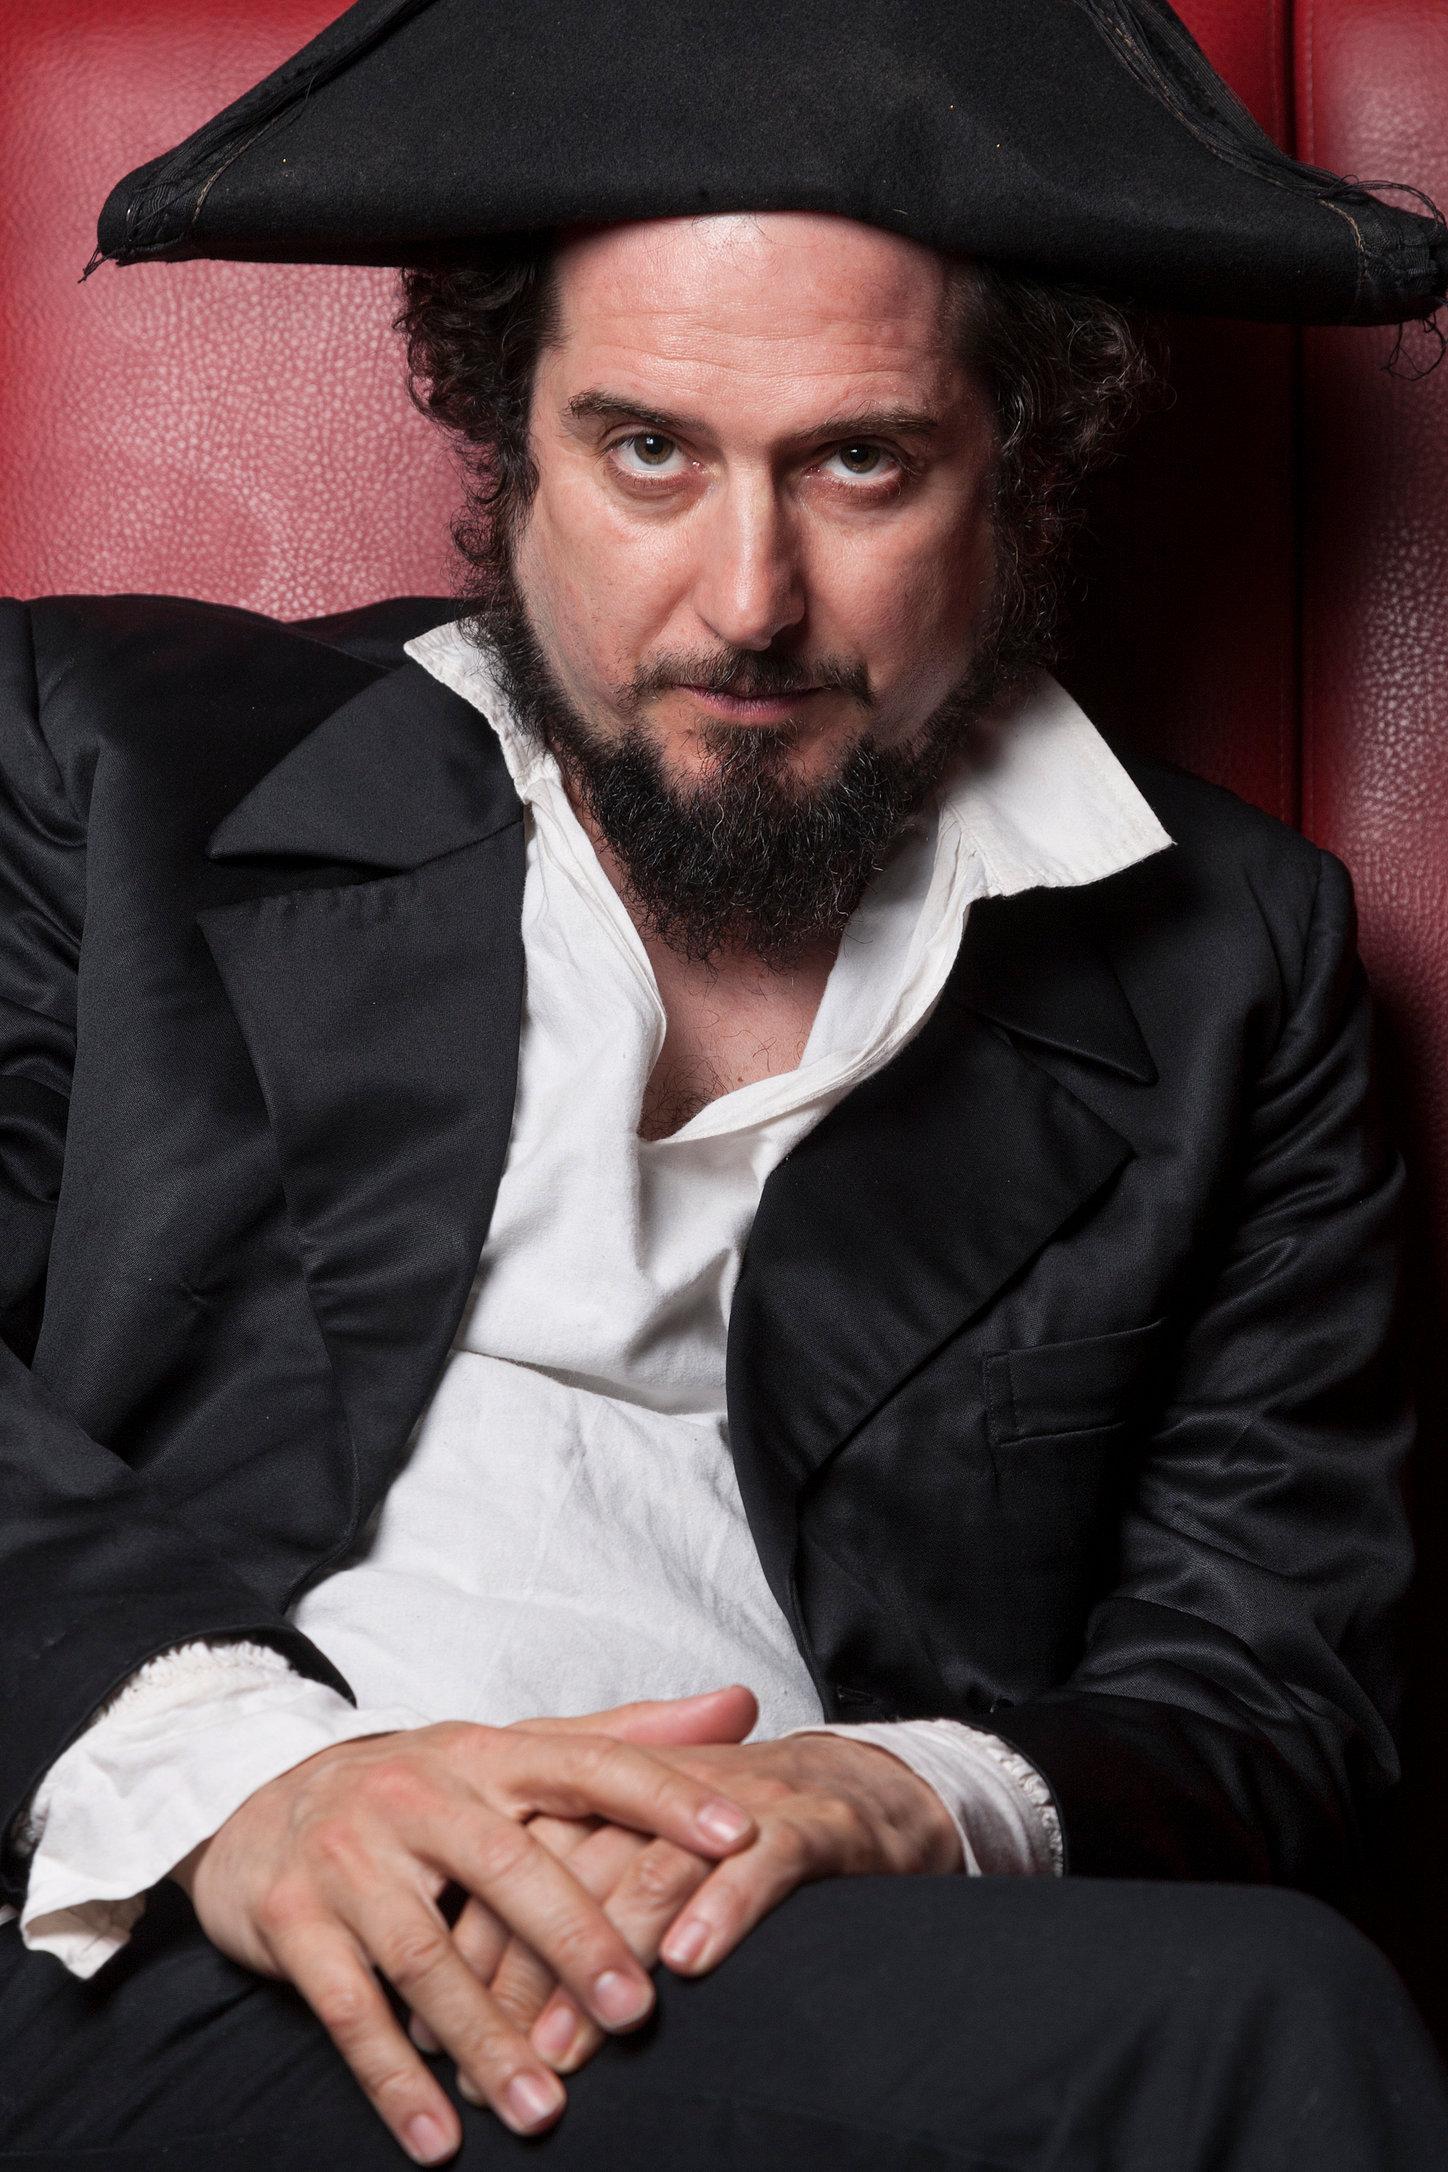 Vinicio Capossela, Musician Singer